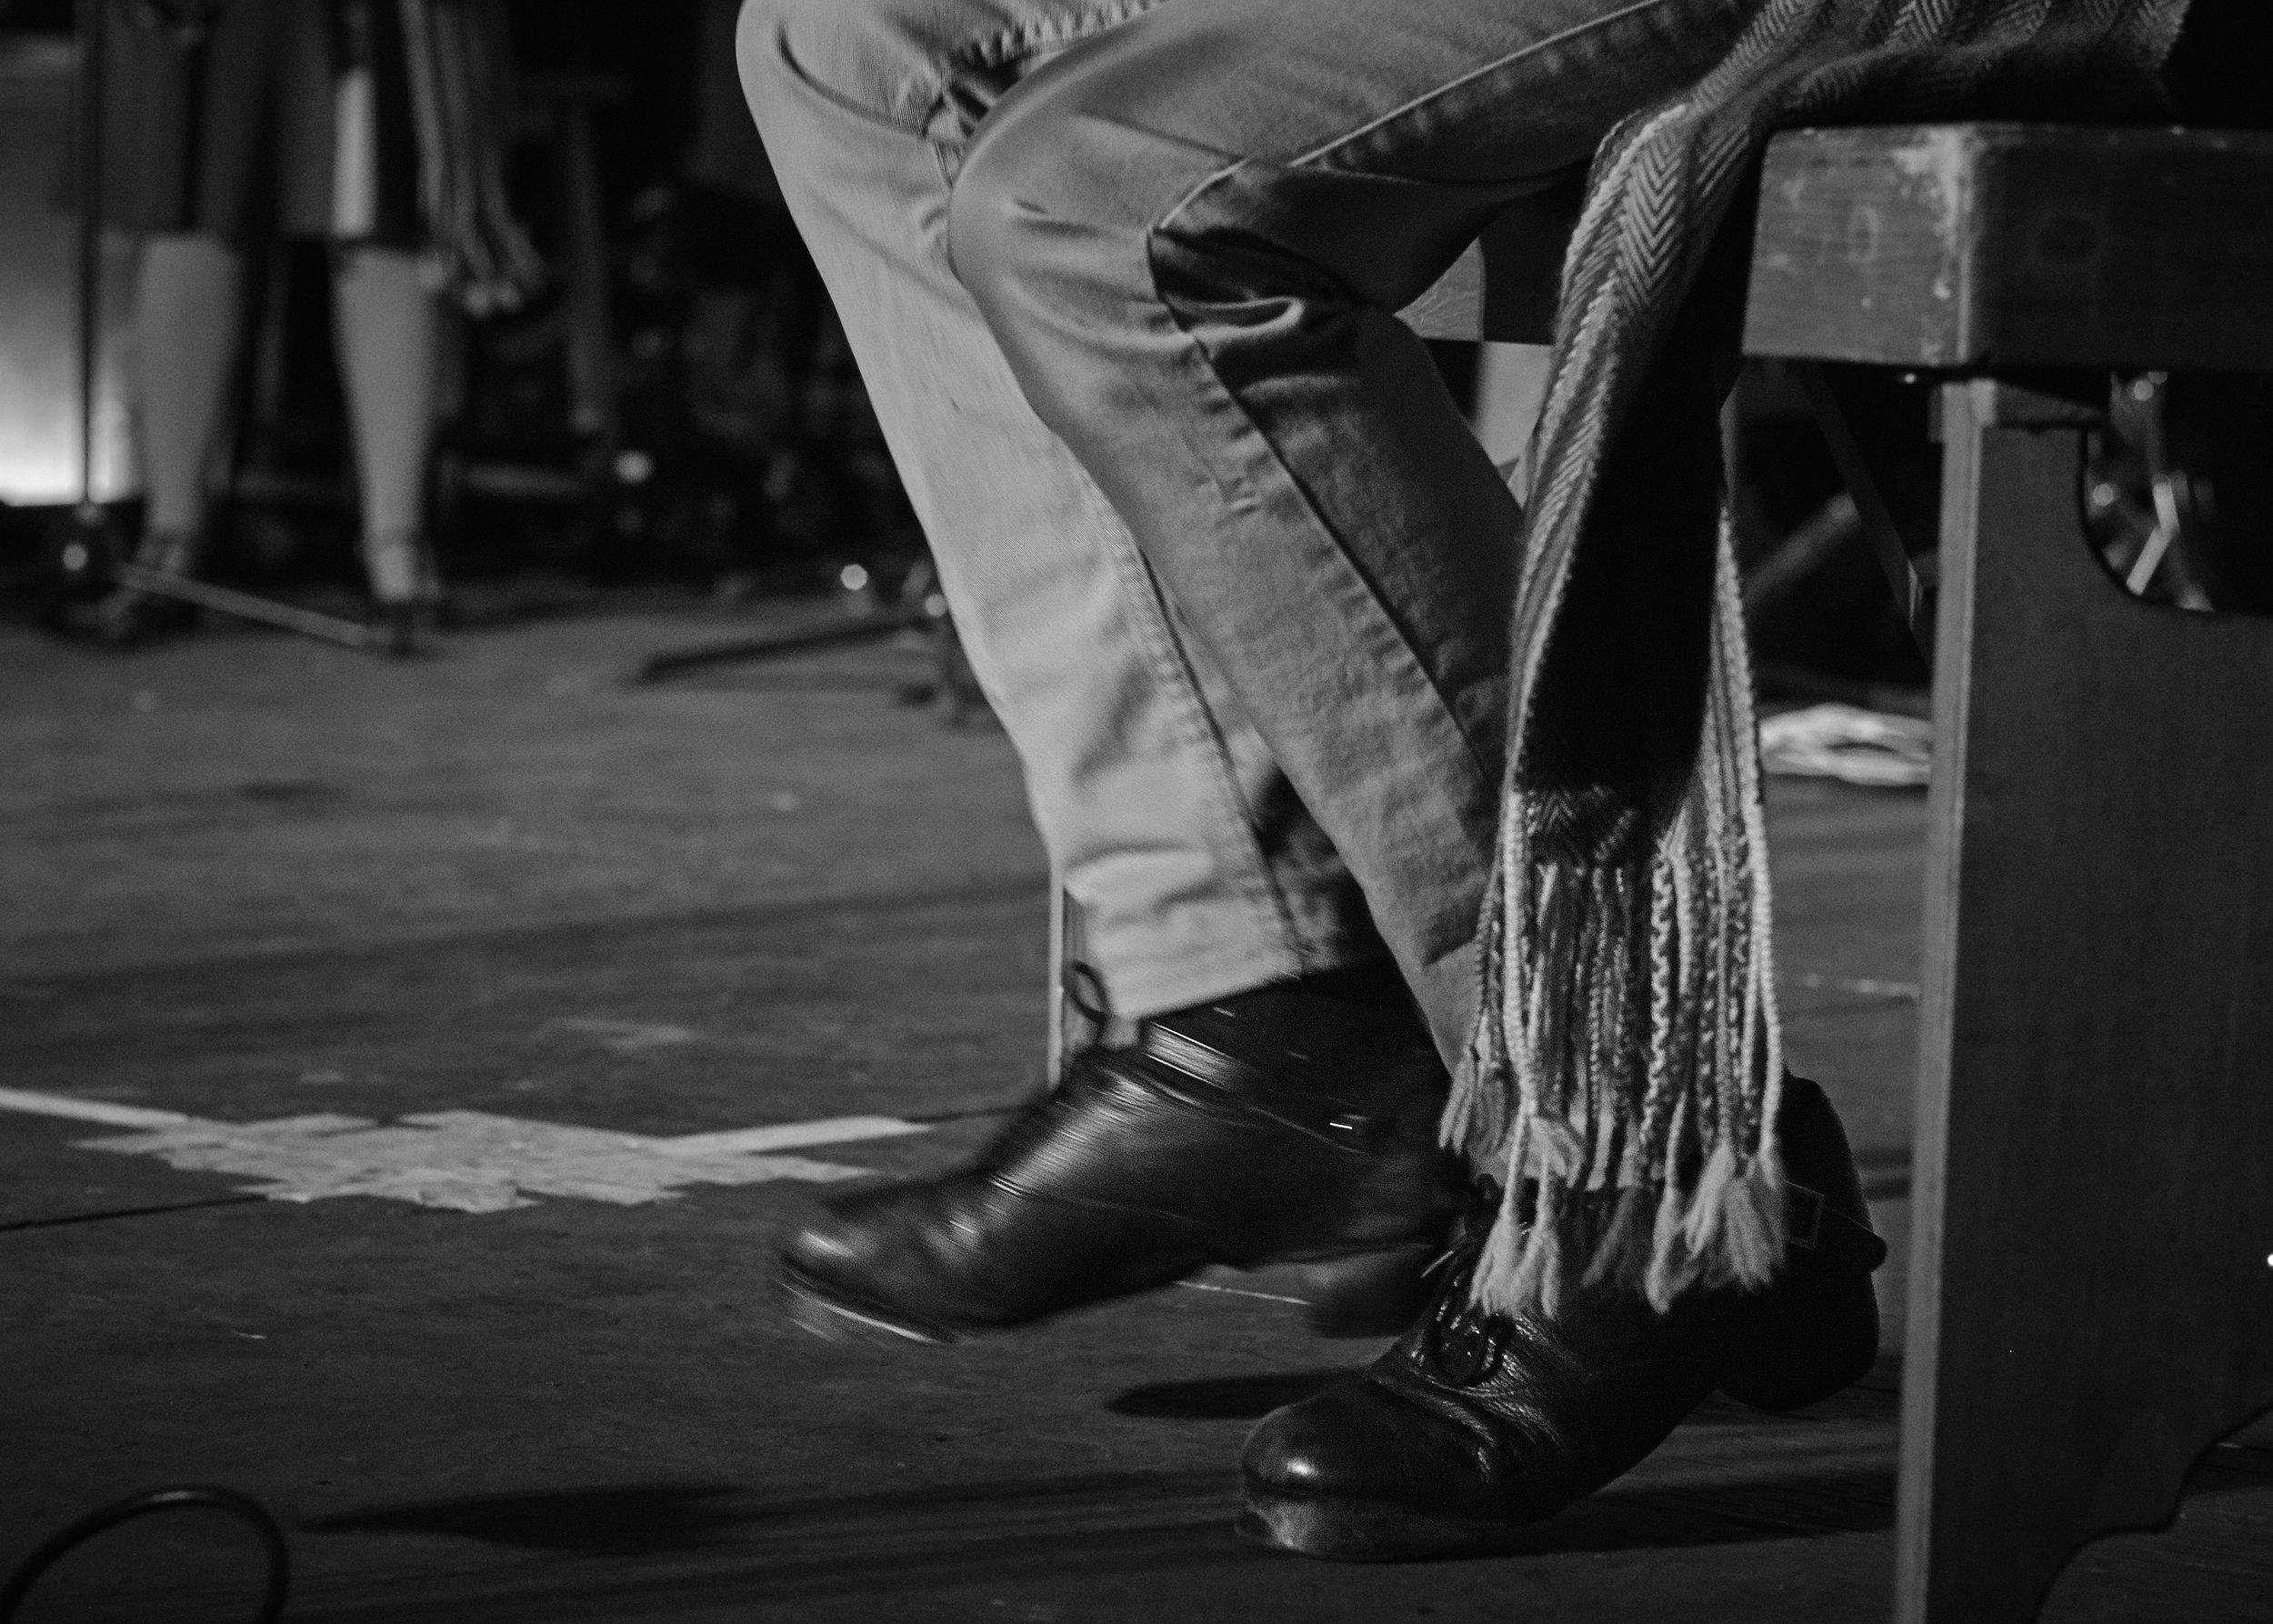 [JPEG] Festival du Voyageur_Closing Wknd_023.jpg